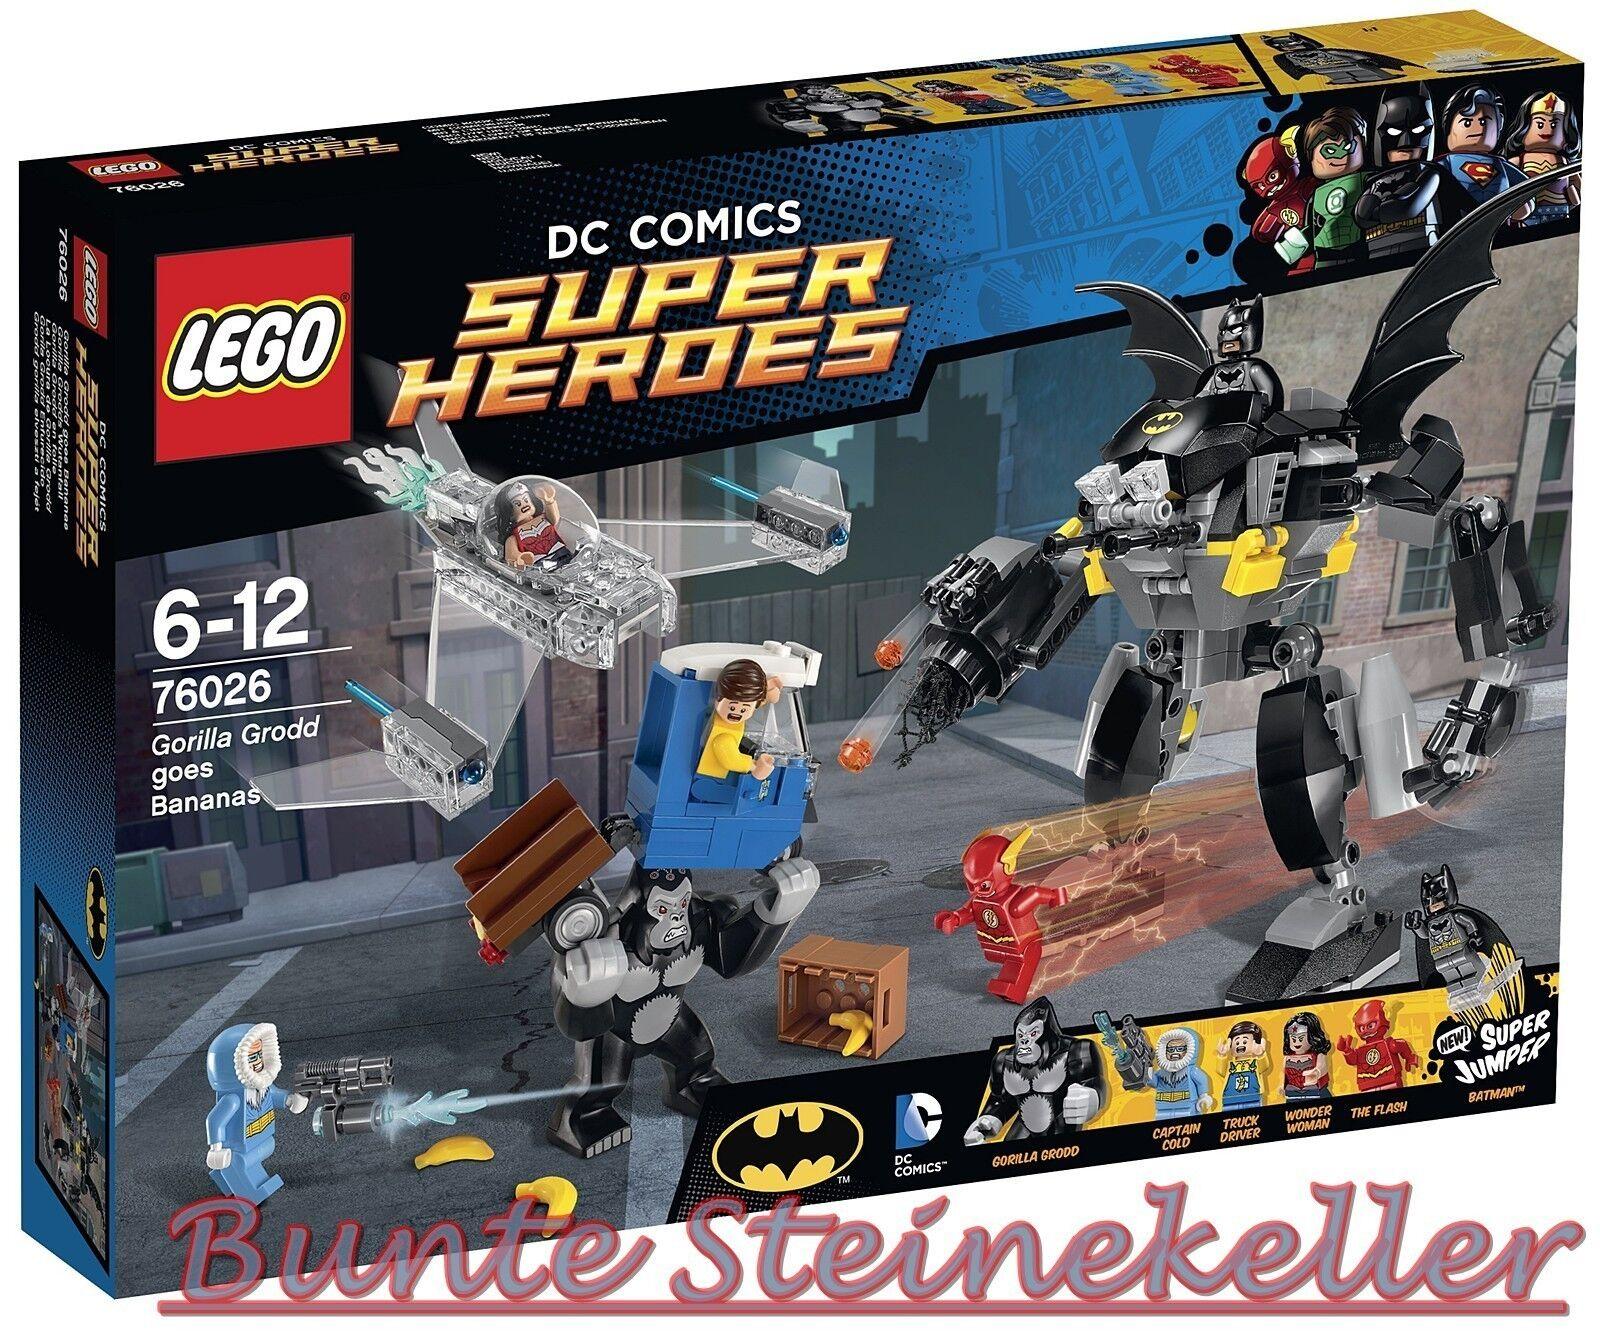 Lego ® Super Heroes  76026 gorila grodds pataleta & 0.  de envío & OVP & nuevo